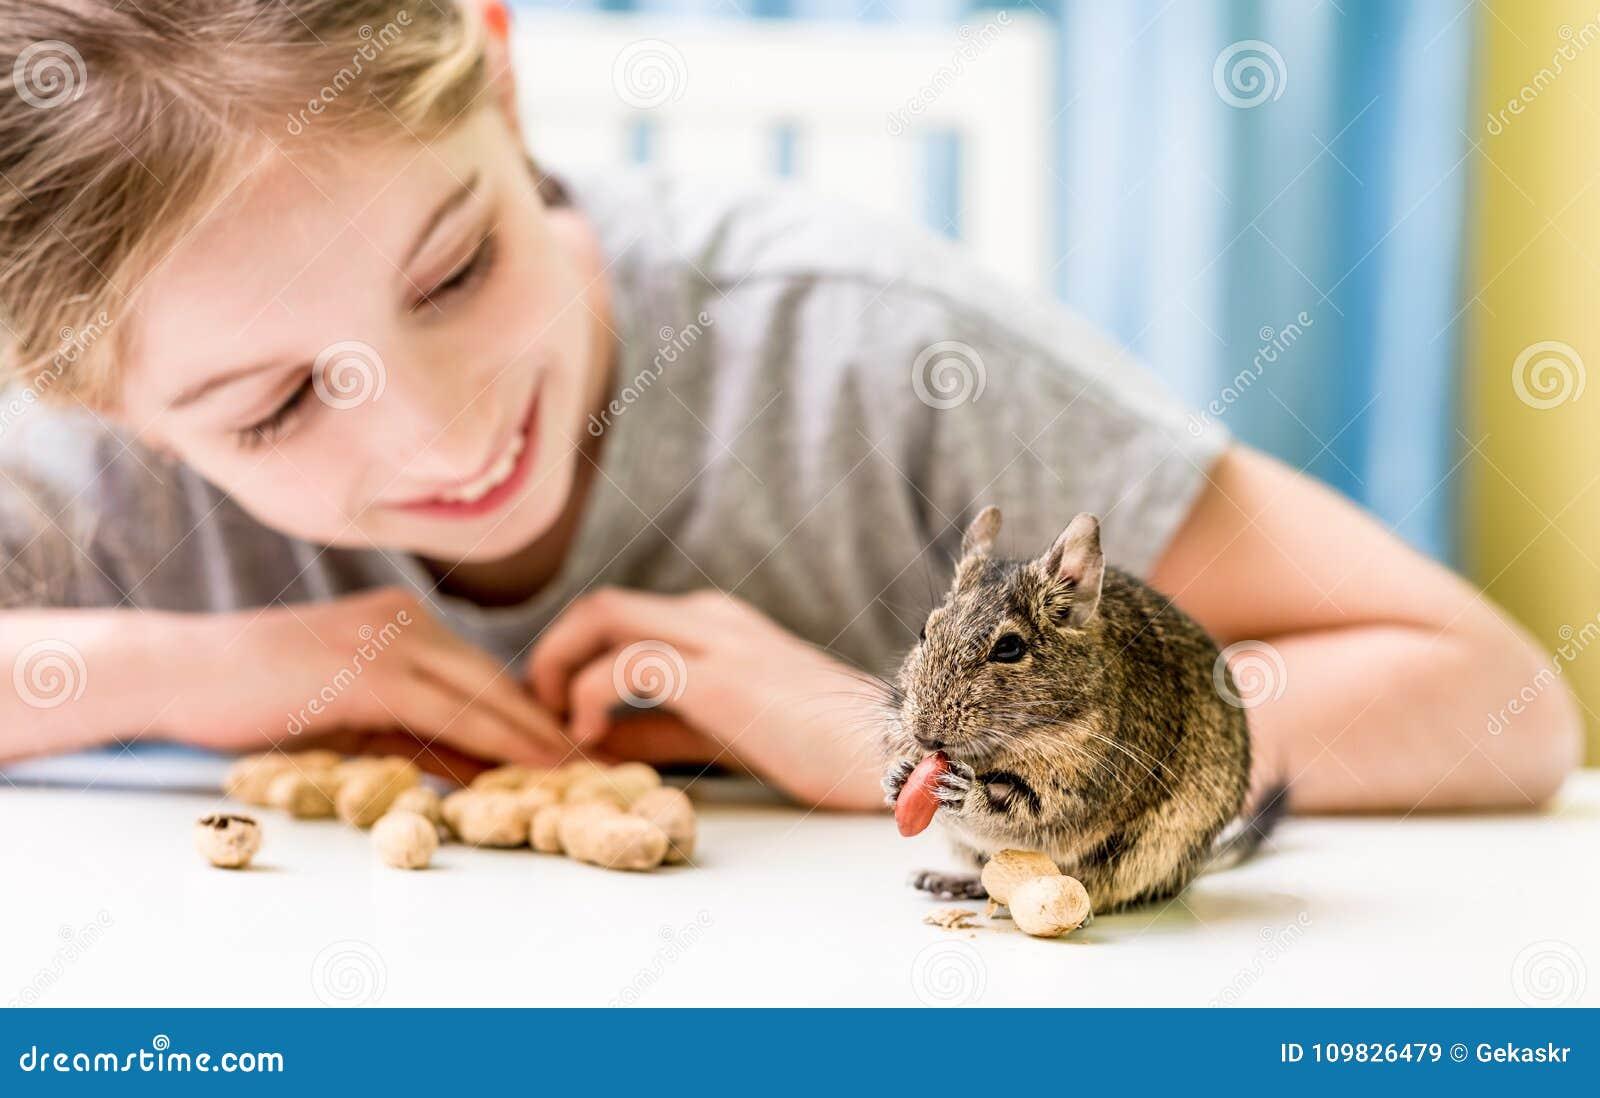 Junges Mädchen beobachten das degu Eichhörnchen